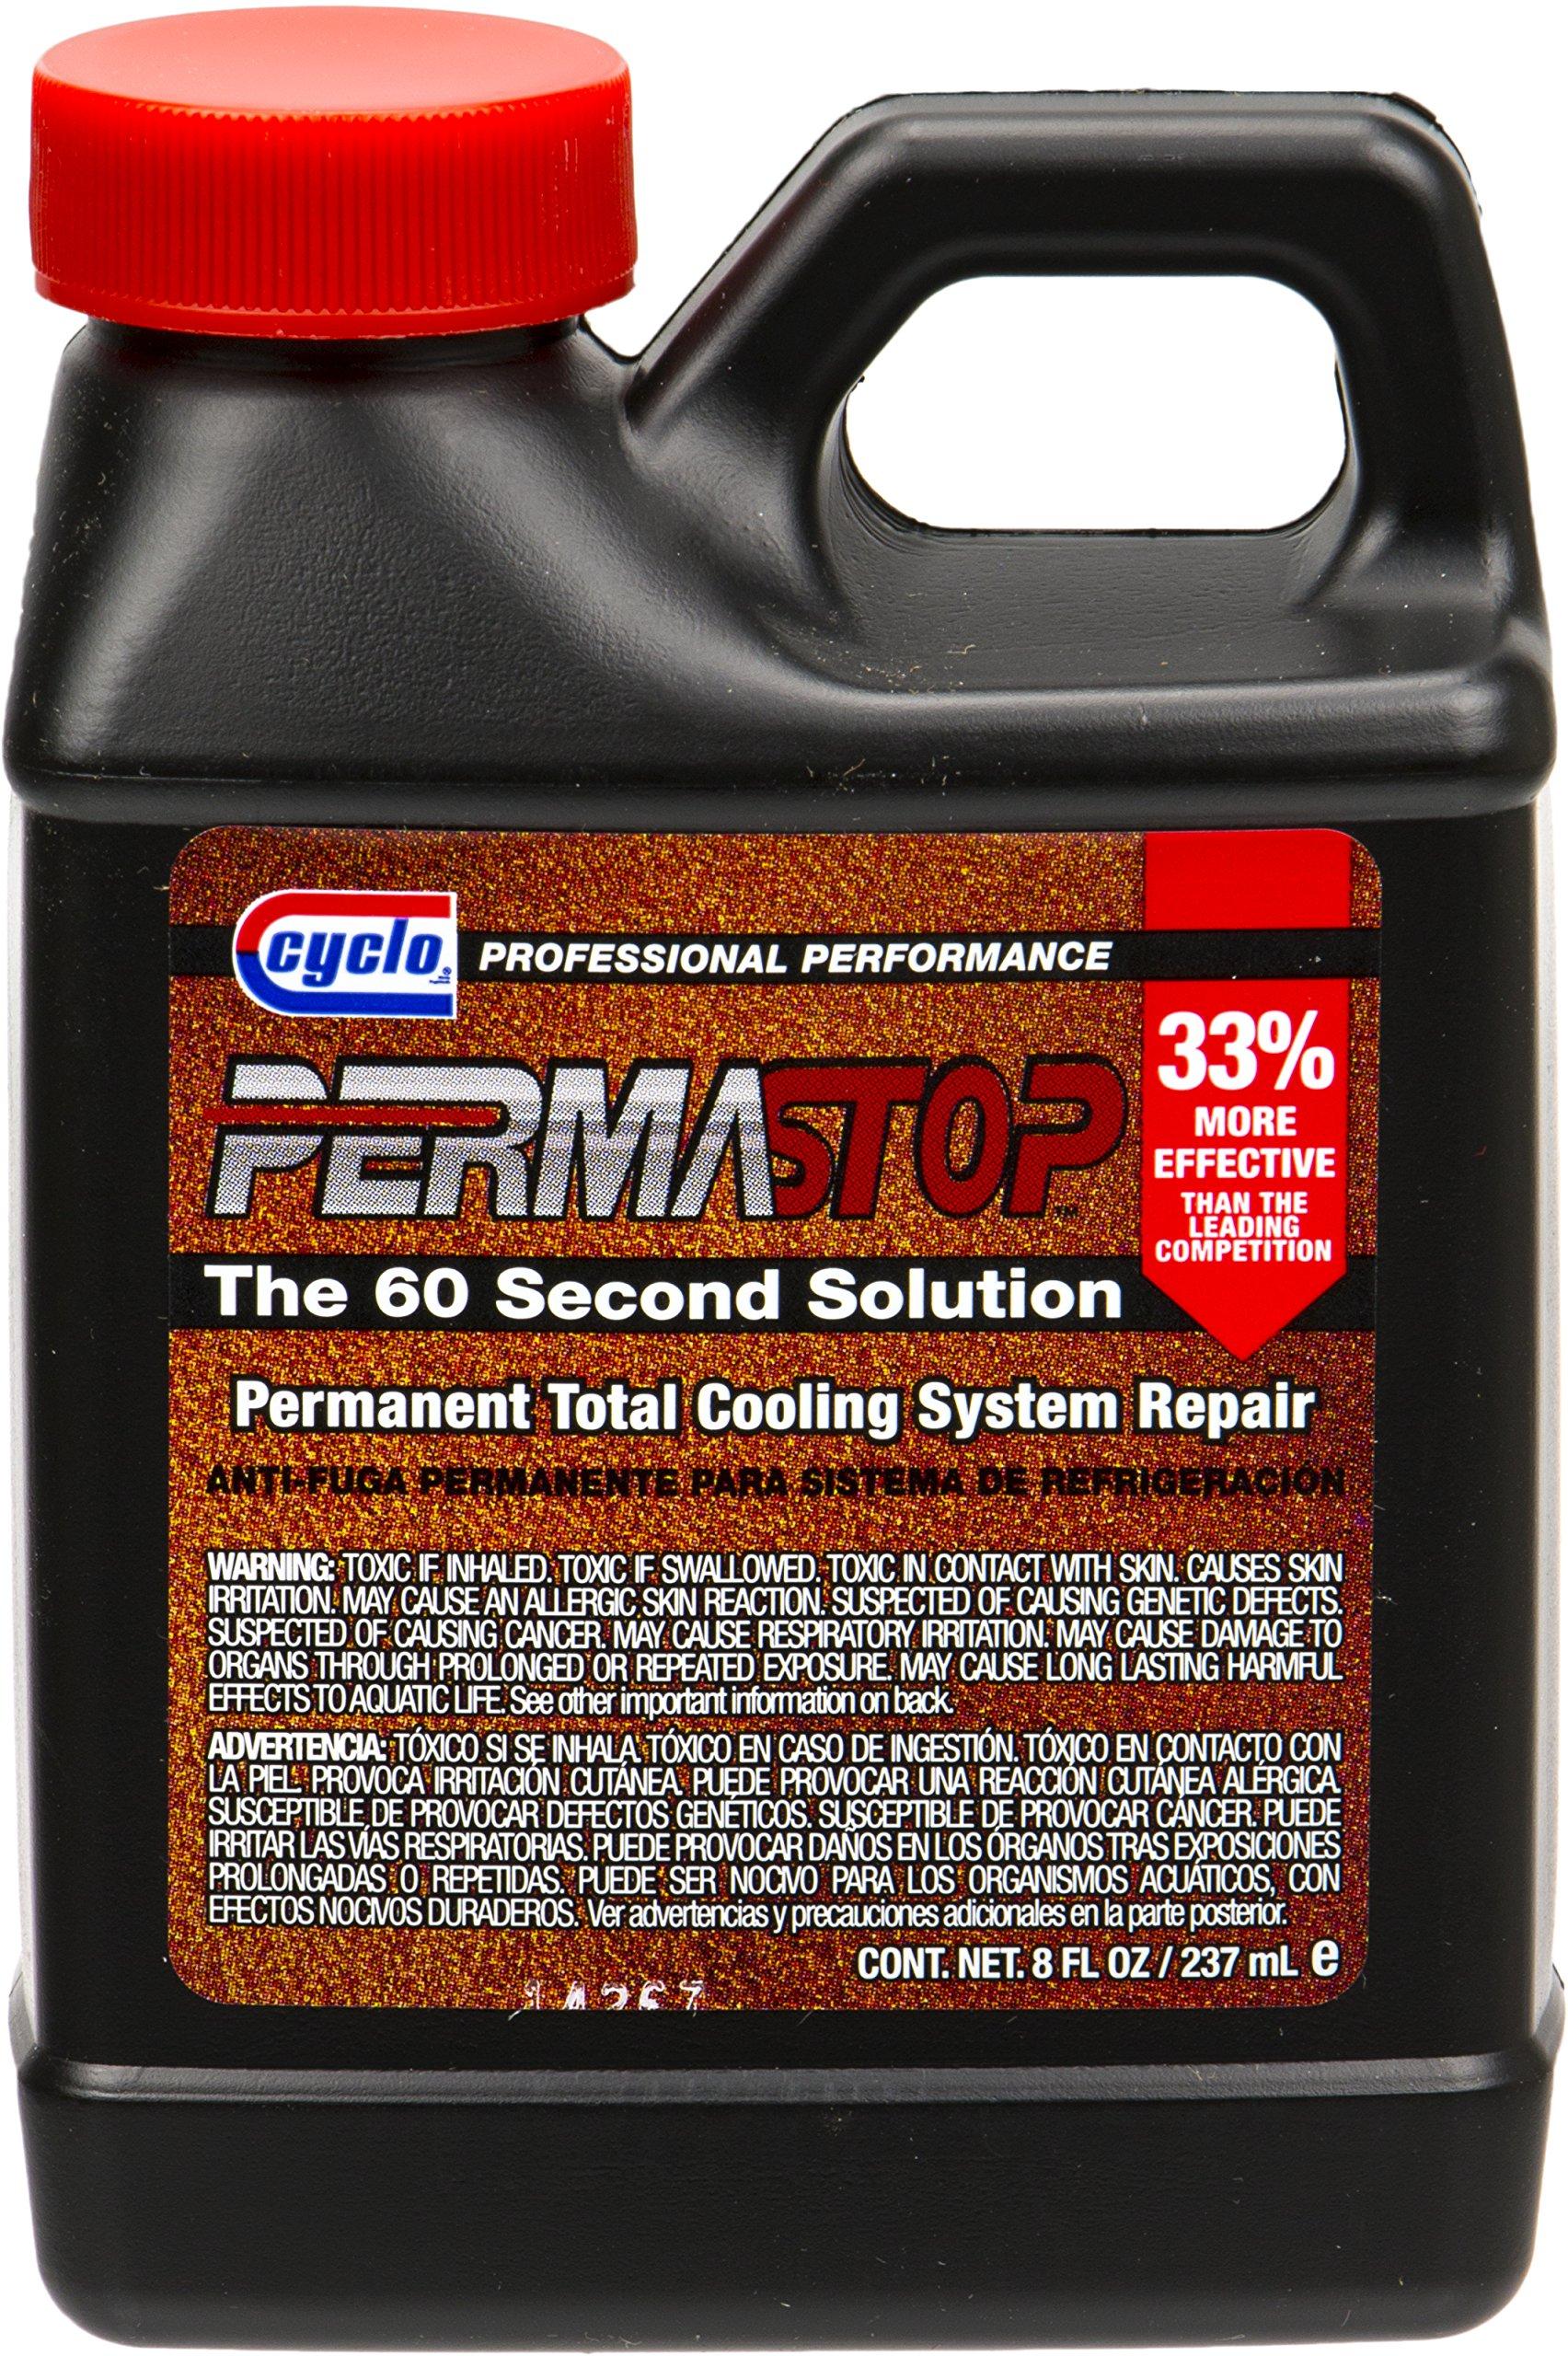 Cyclo PermaStop Permanent Total Cooling System Leak Repair, 8 fl oz, Case of 12